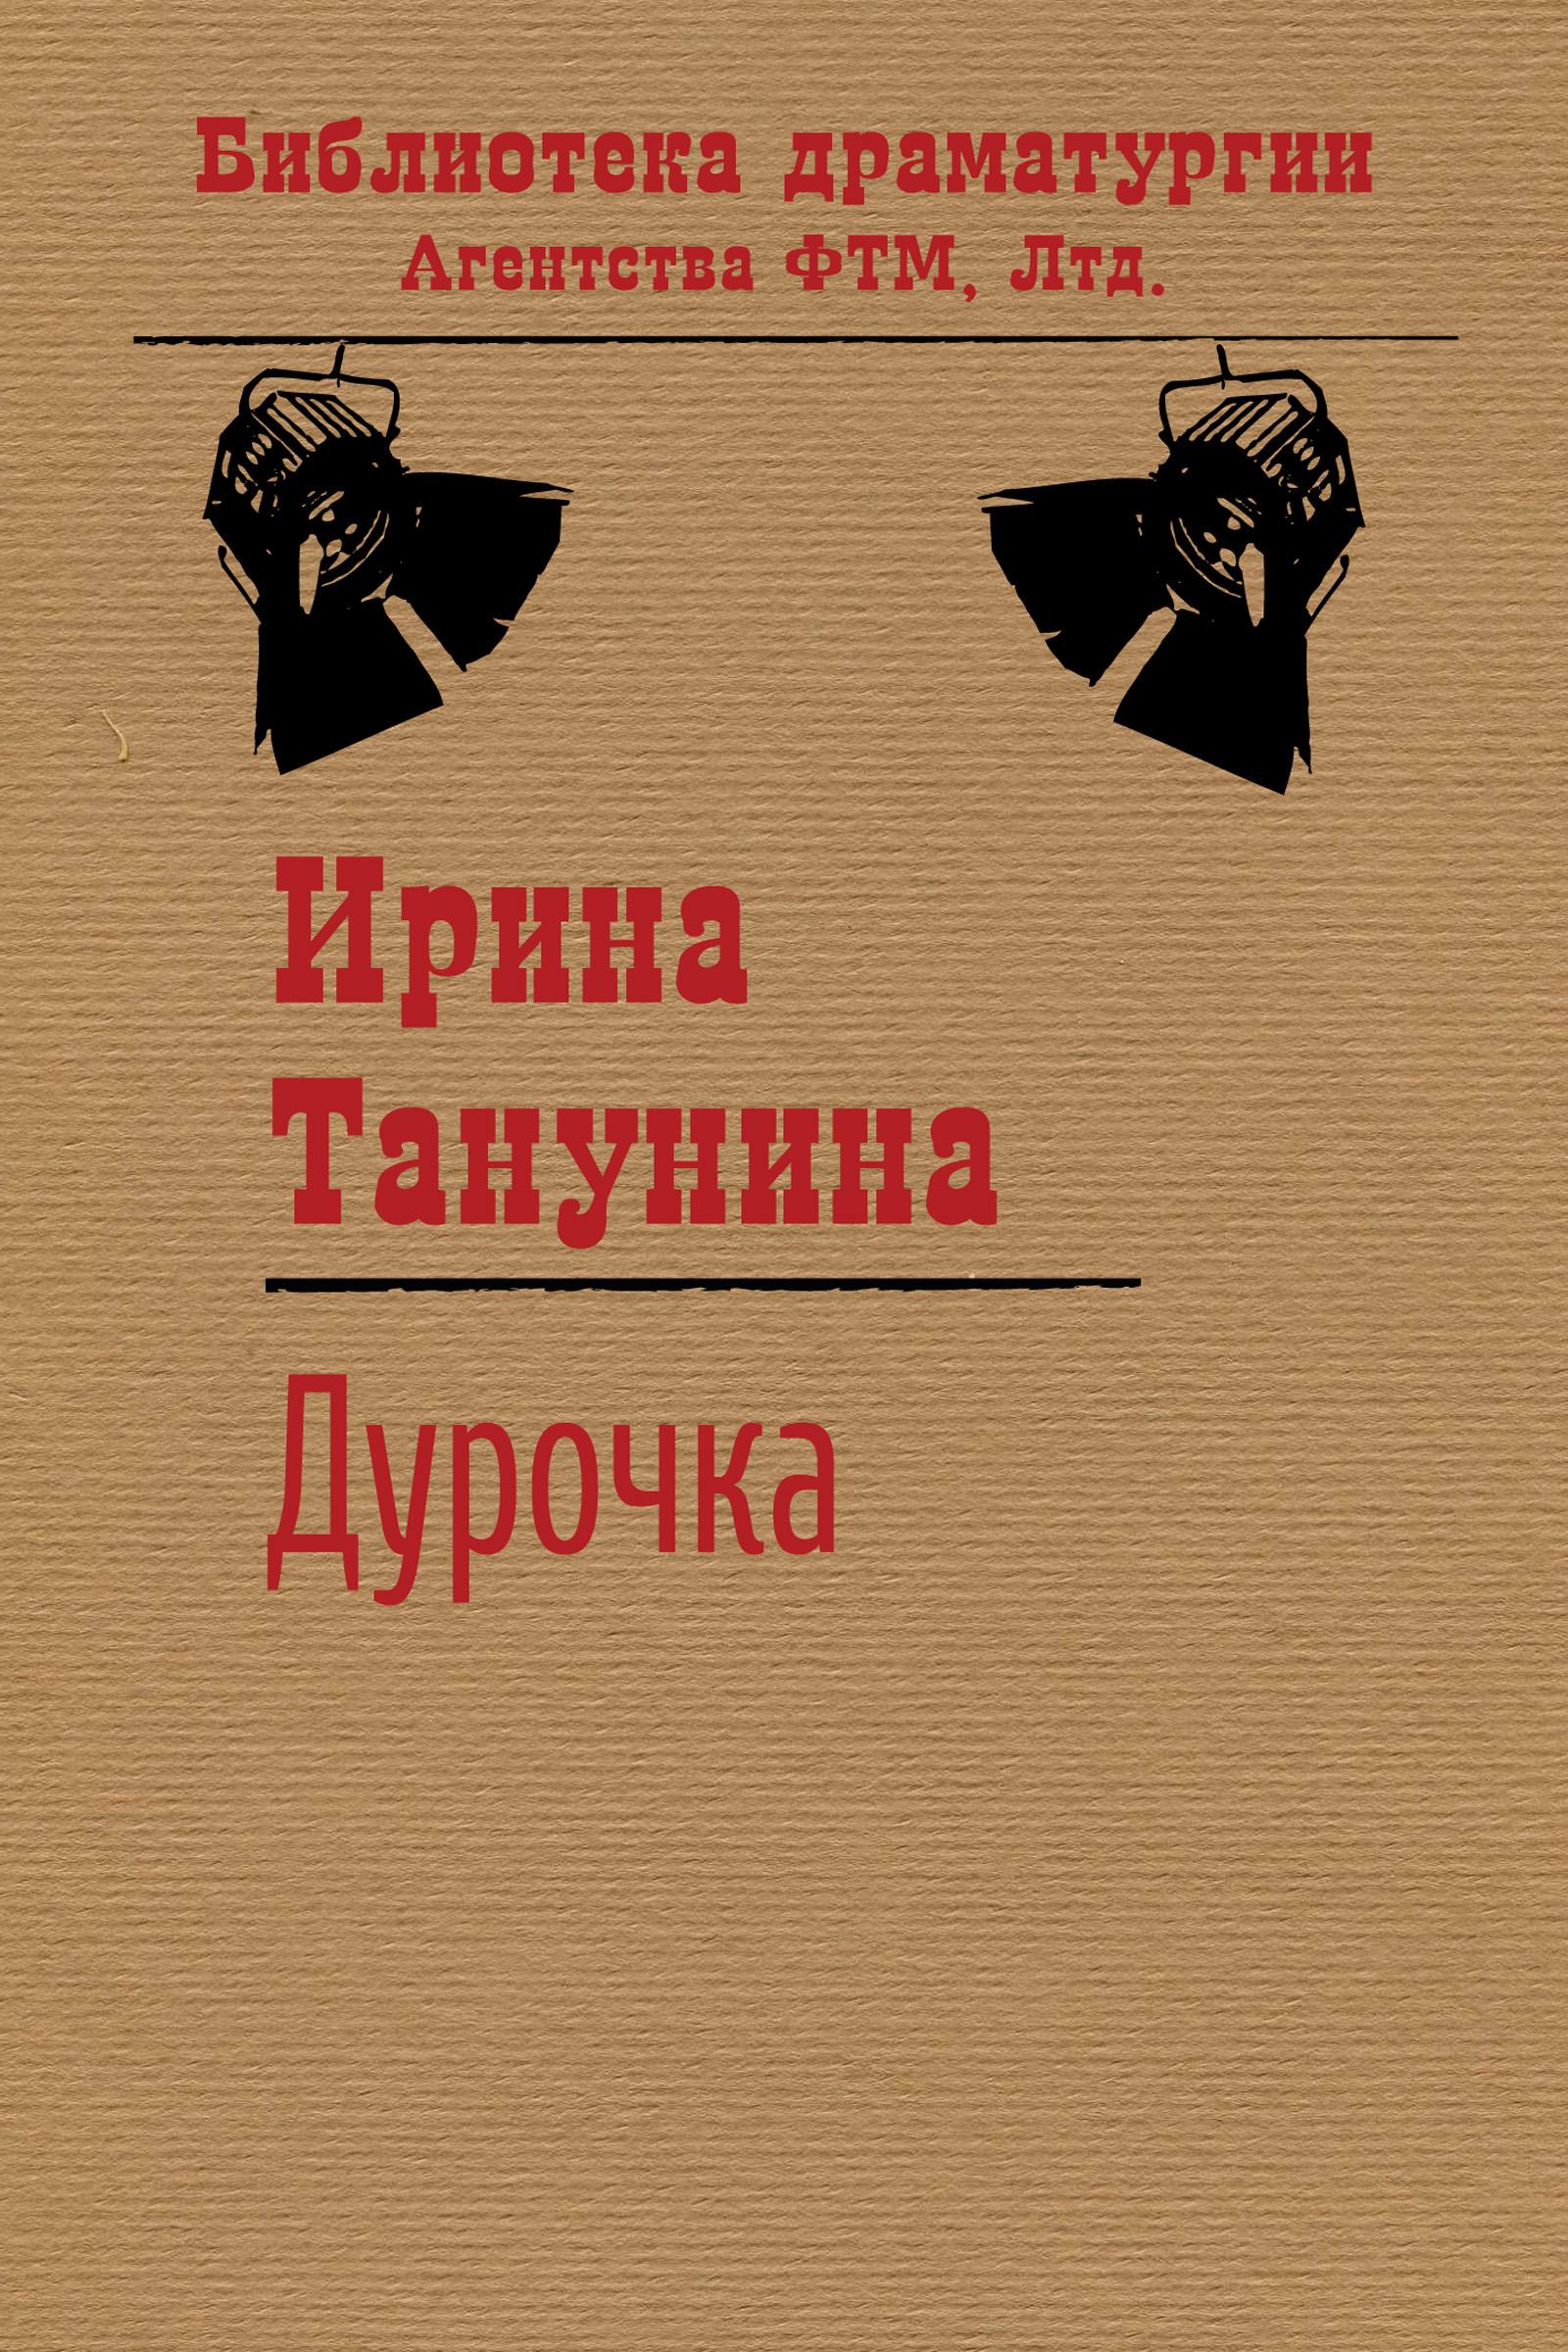 Дурочка ( Ирина Танунина  )